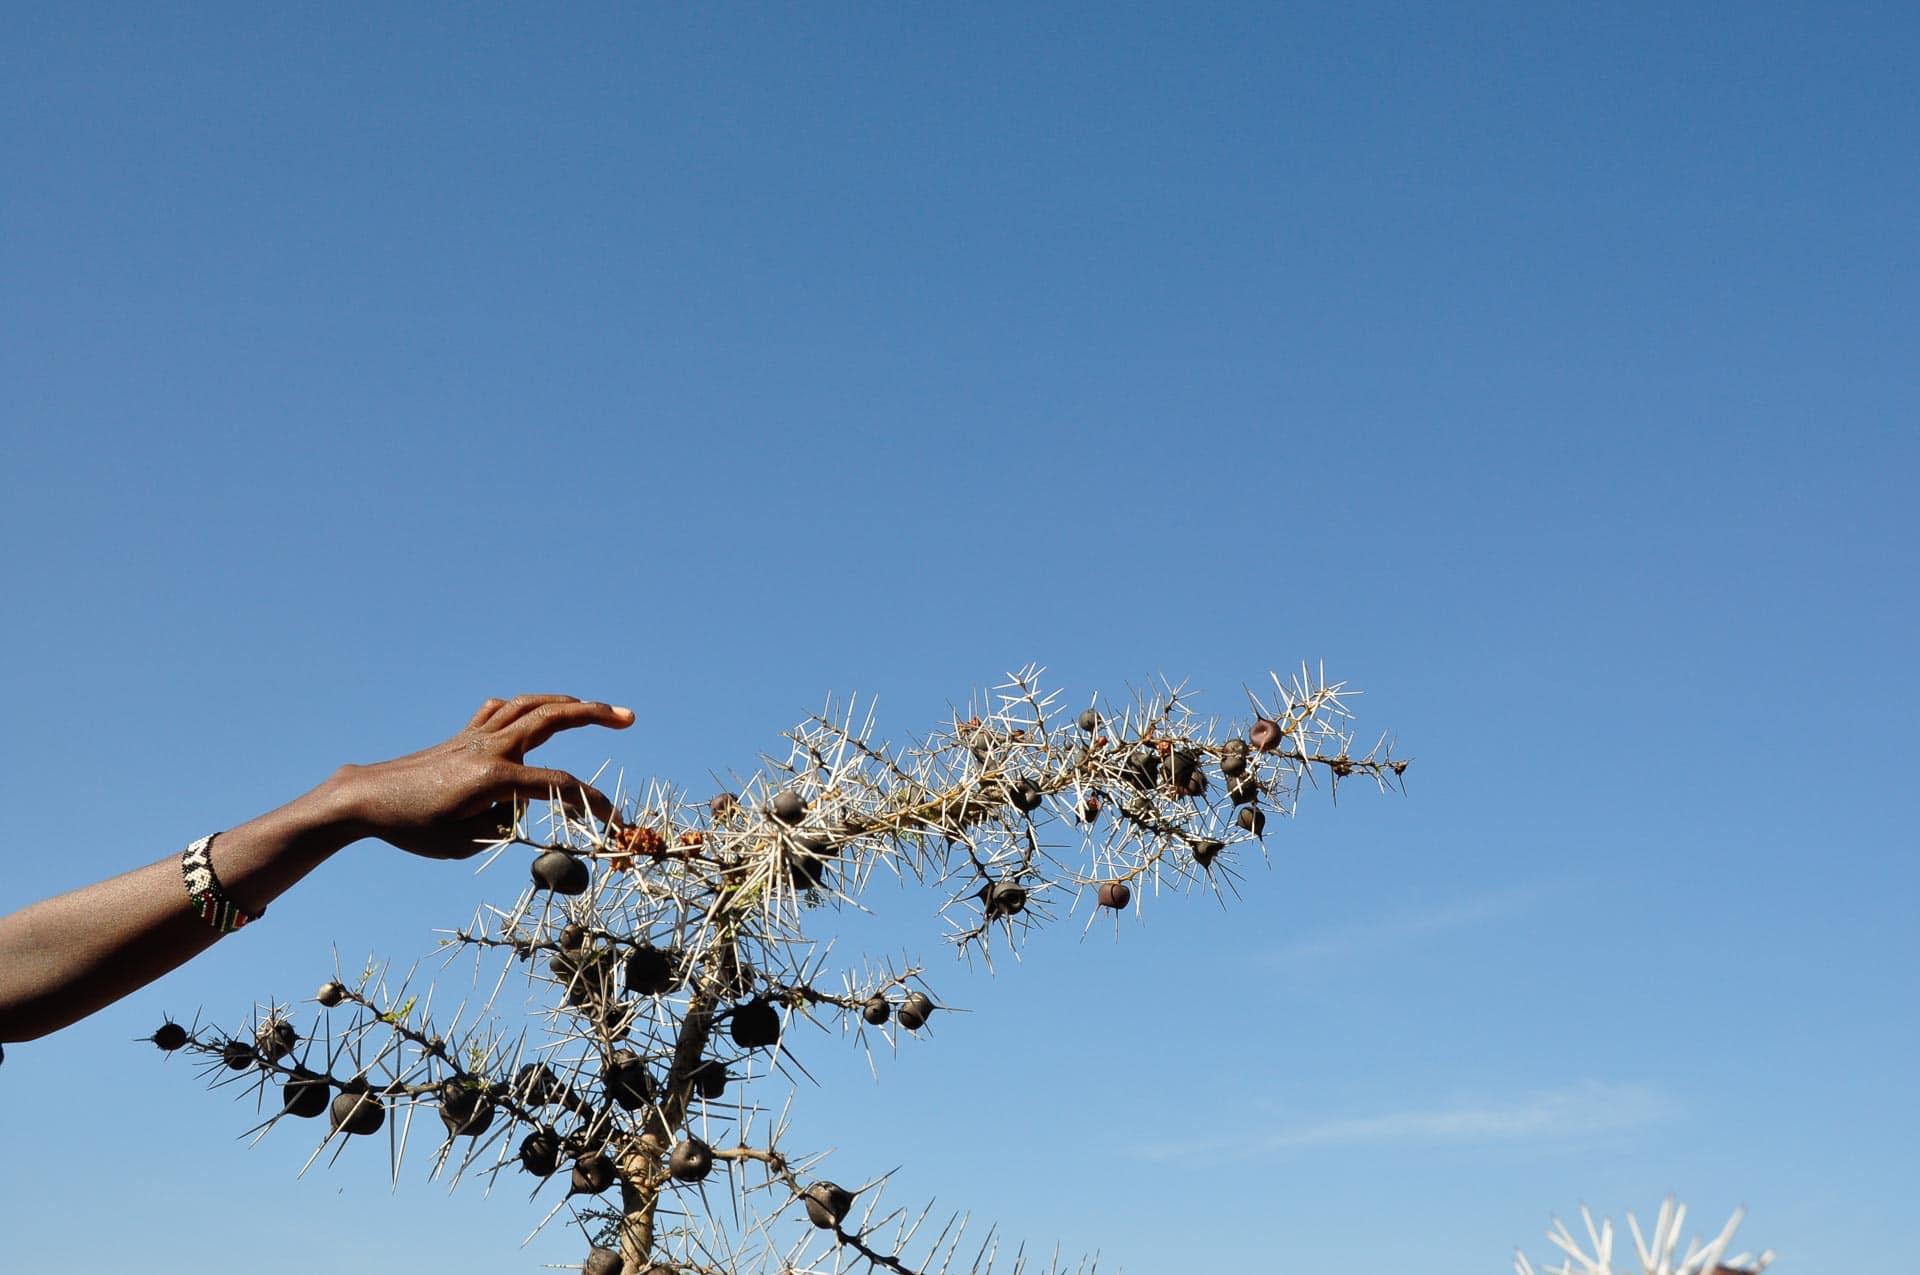 Samburu-Menschen-Kenia-Globetrotter-Select-1